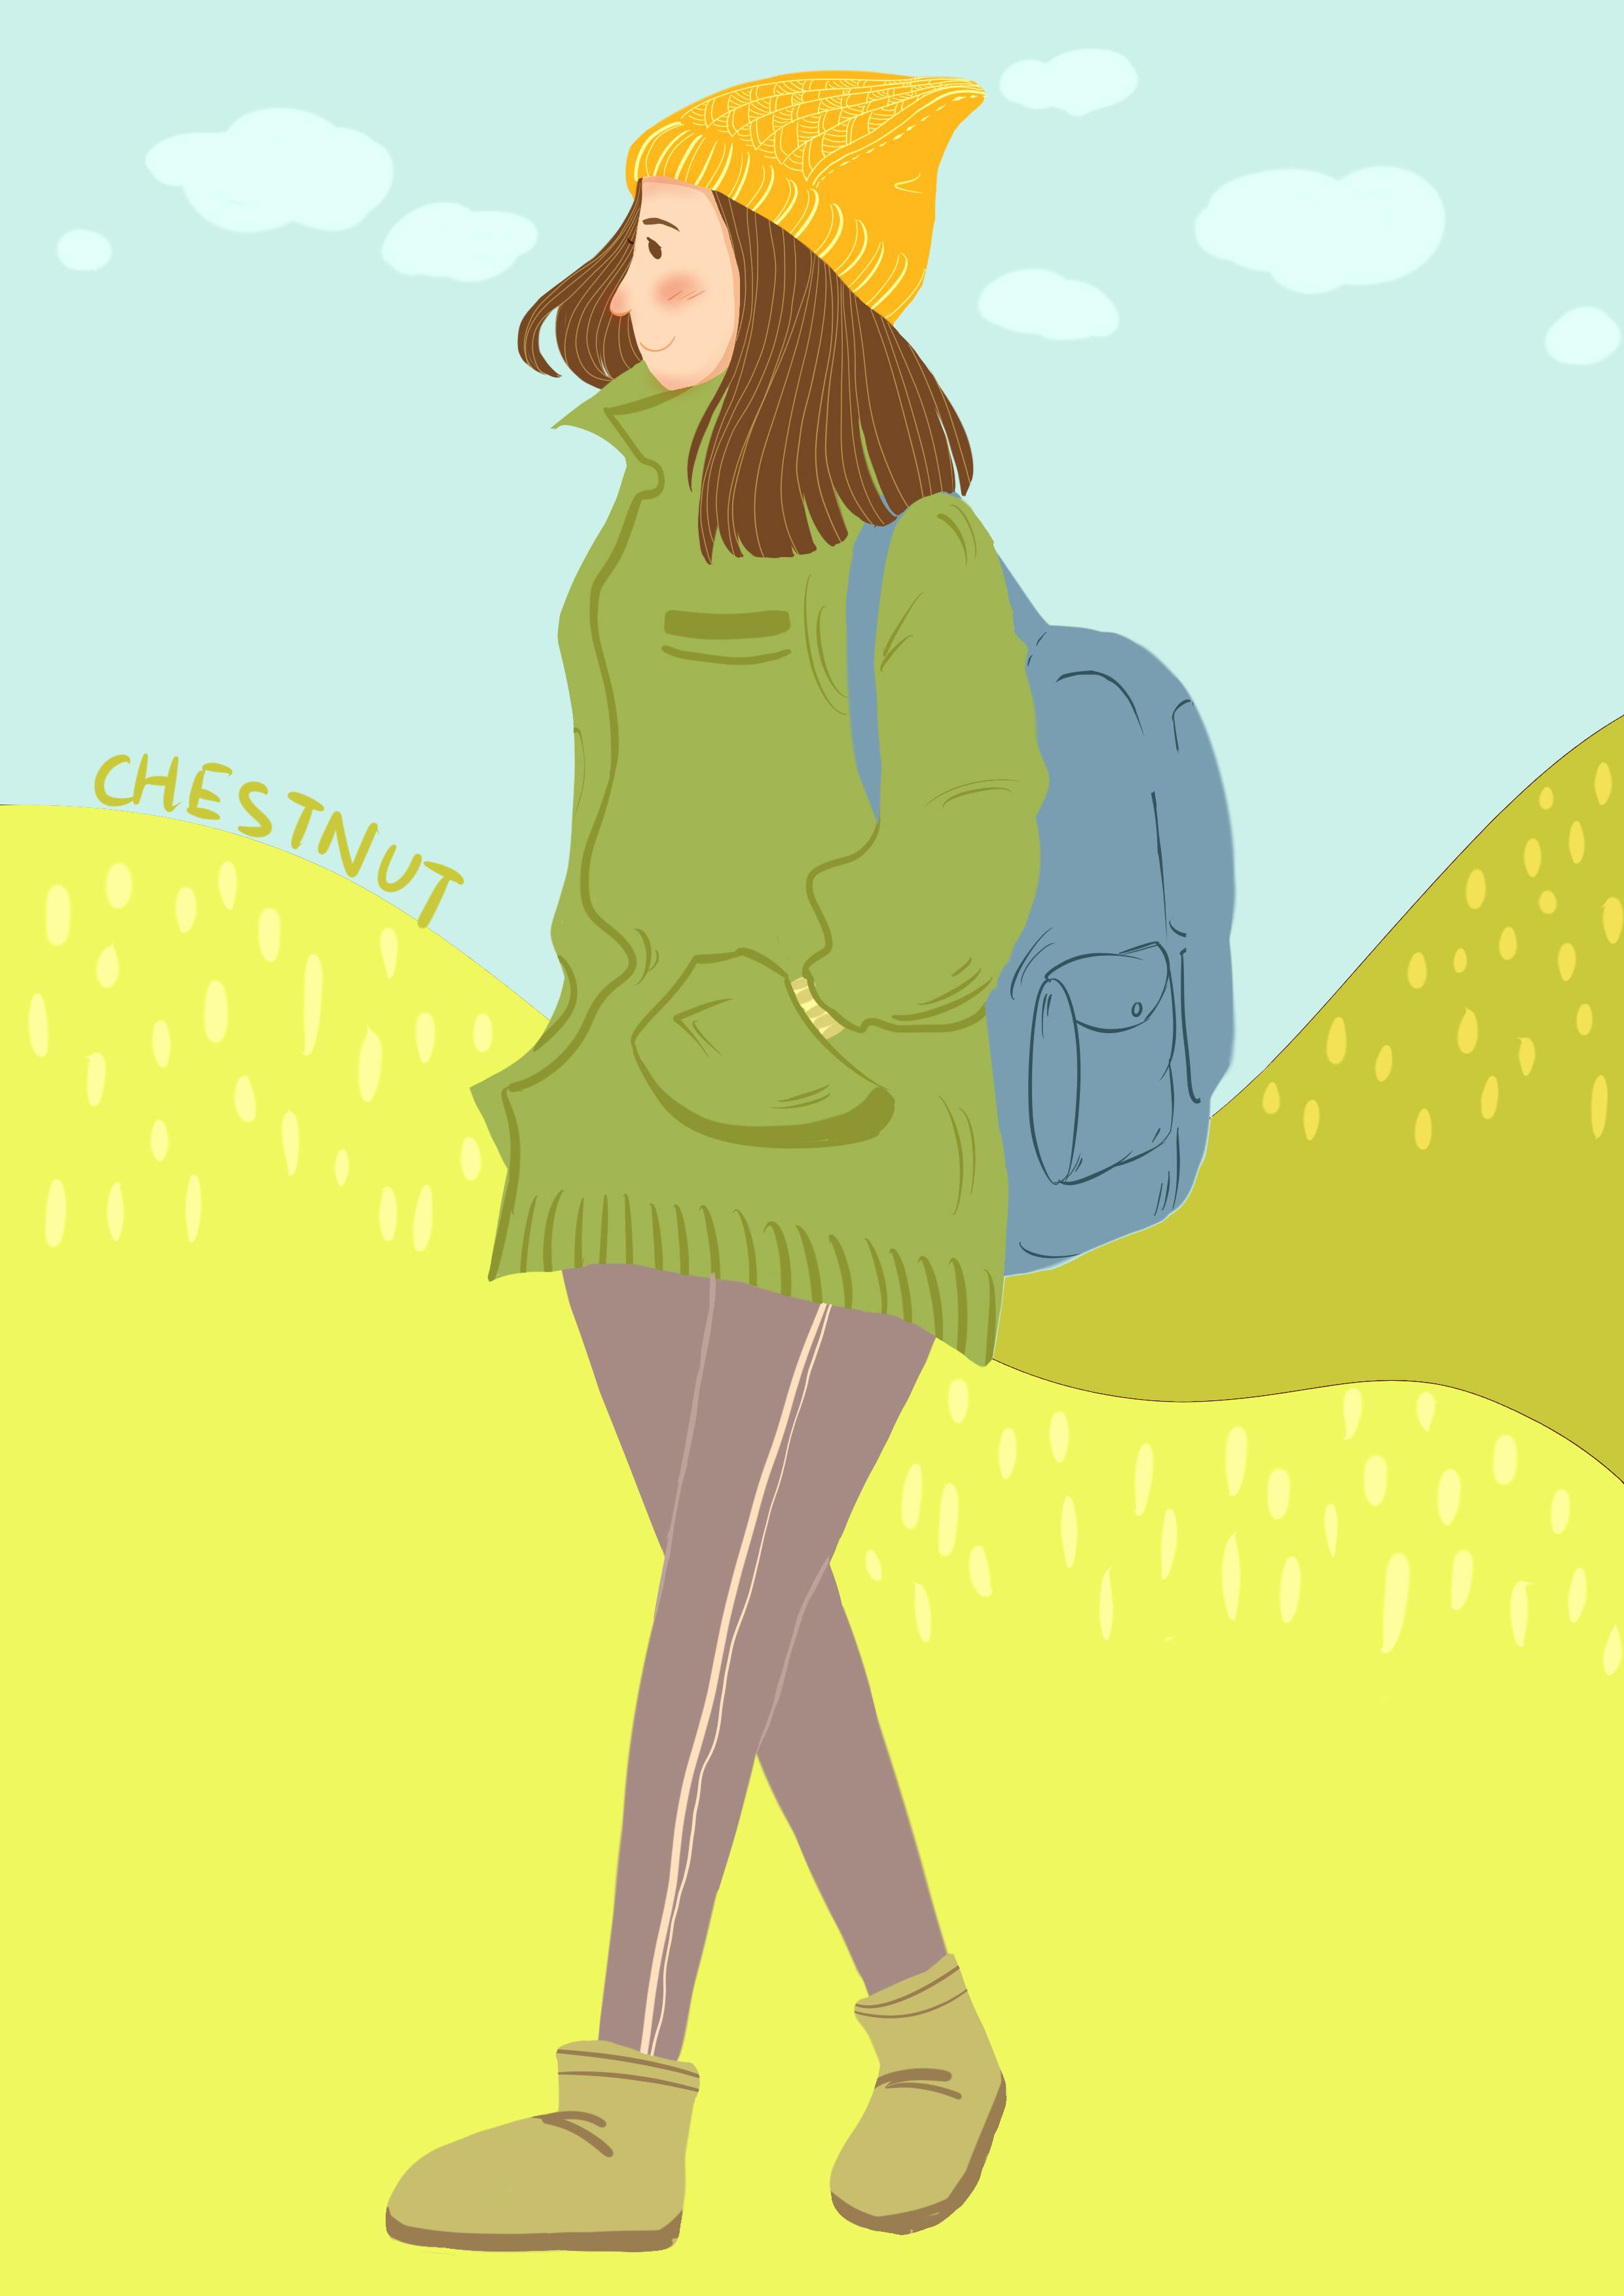 旅行人物插画